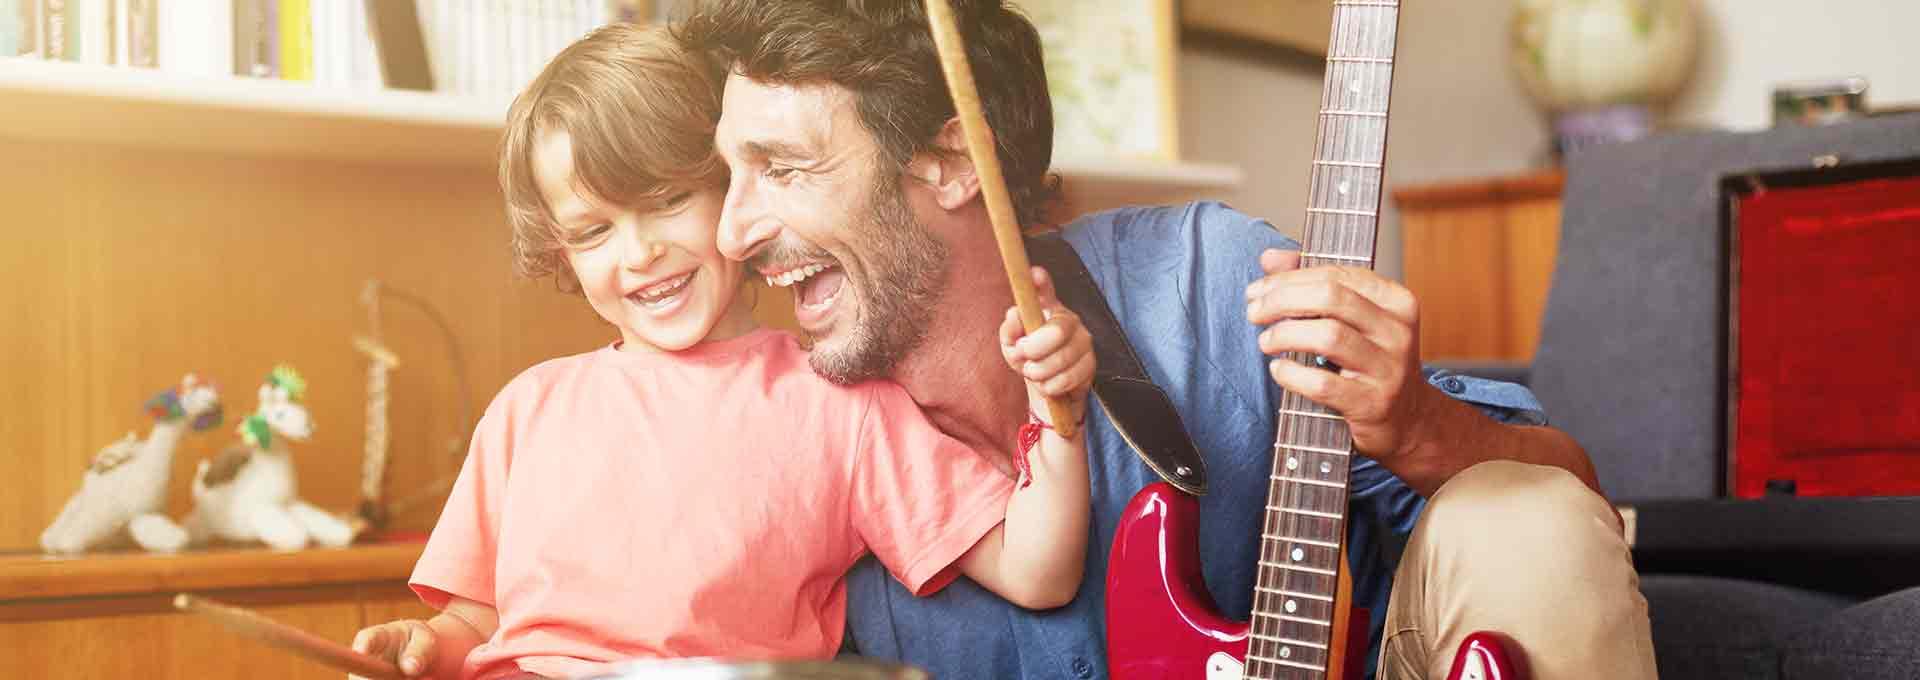 Padre con gli apparecchi acustici Viron di Bernafon che suona la chitarra insieme a suo figlio di 5 anni che suona la batteria godendosi il momento.